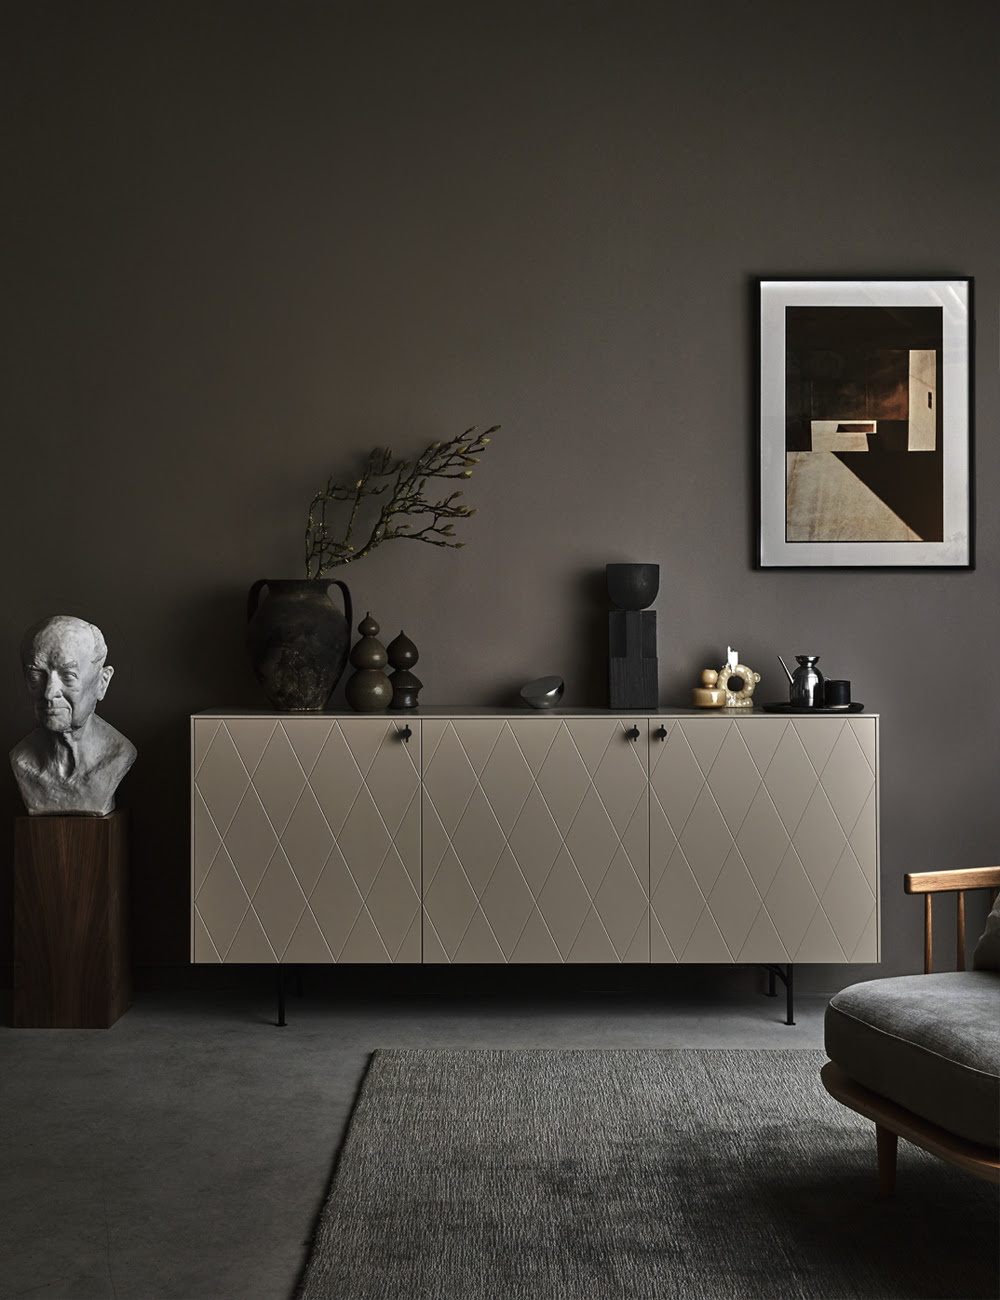 vague grège sur les nouveautés de design scandinave